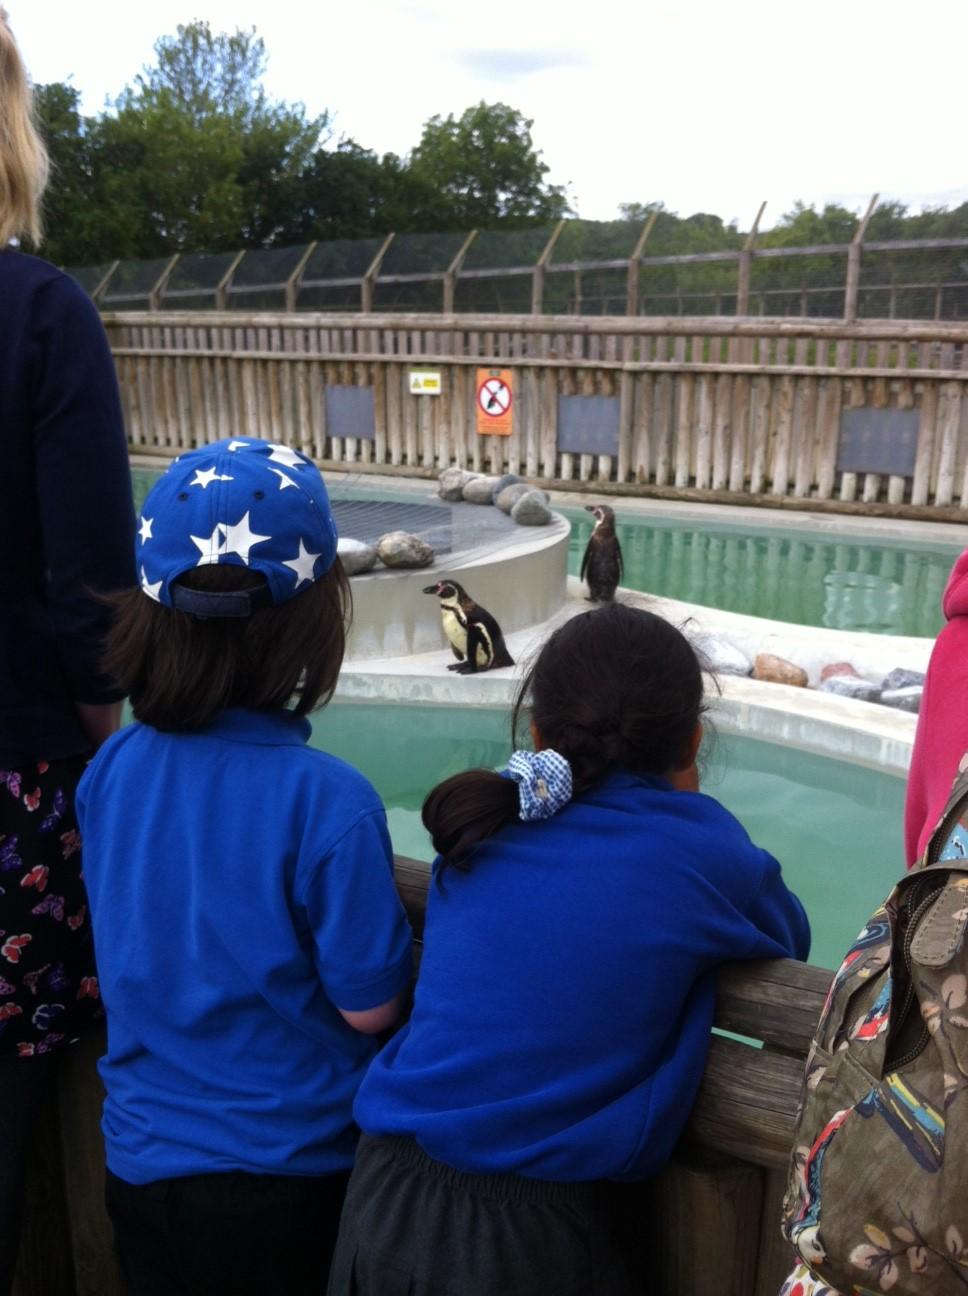 Wingham Zoo